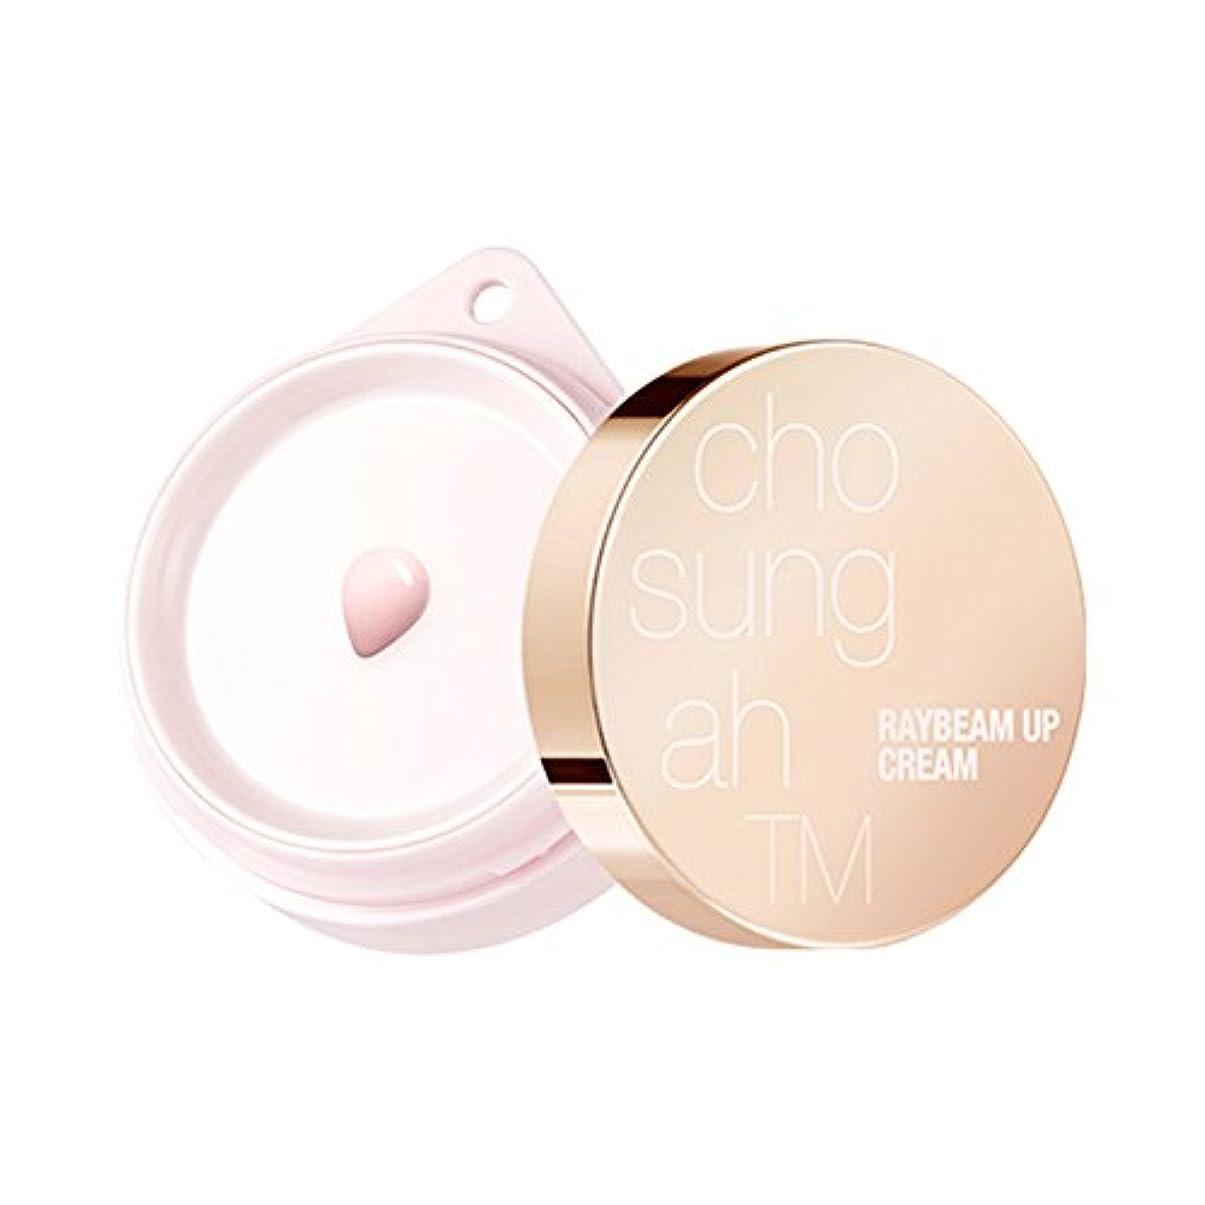 分子中性水平(ジョソンア) Chosungah Raybeam Up Cream Season 2 SPF30/PA++ 14ml (14ml) [並行輸入品]